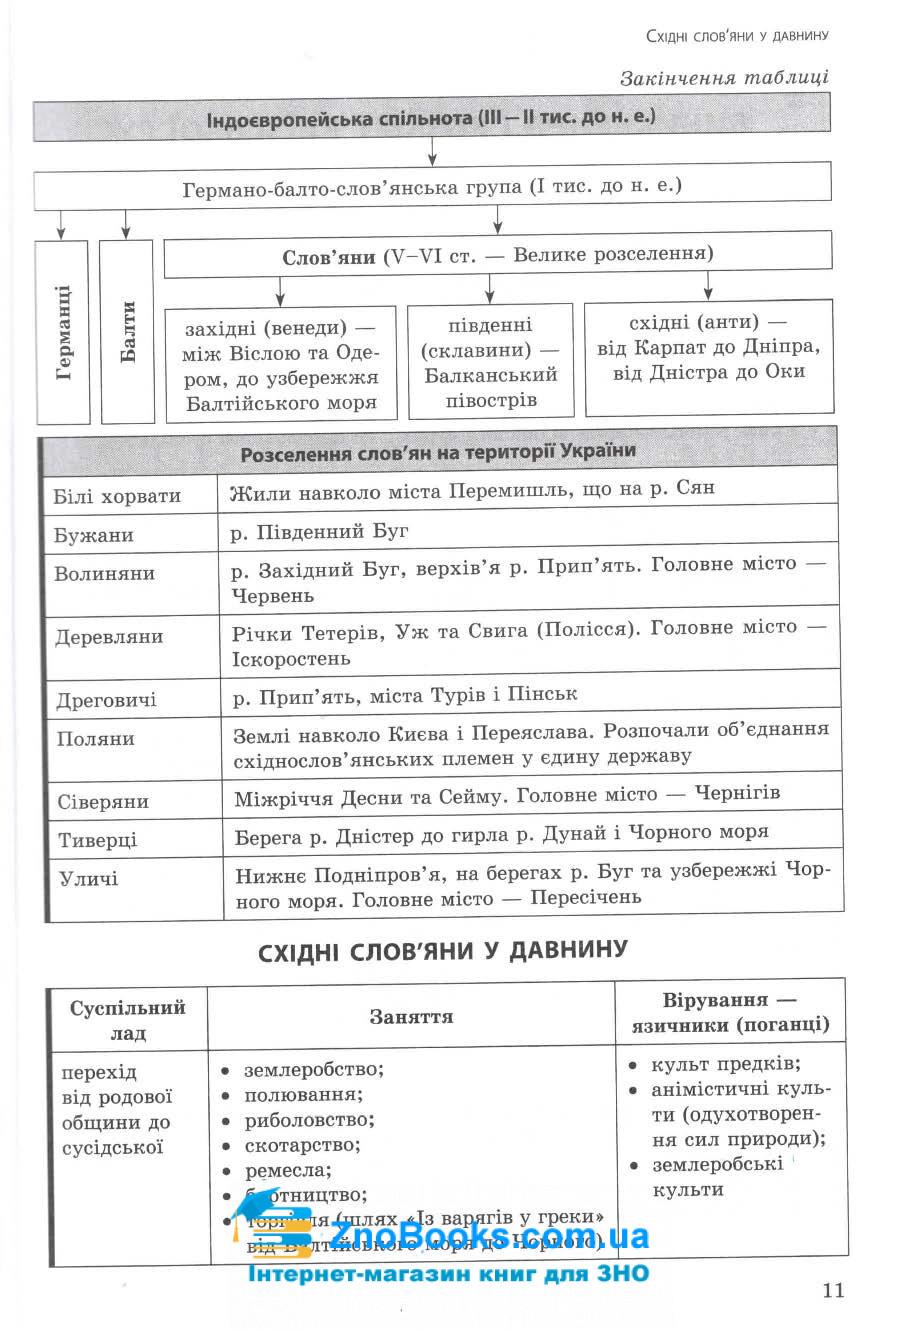 Експрес-підготовка до ЗНО. Історія України : Дедурін Г. Асса. купити 11